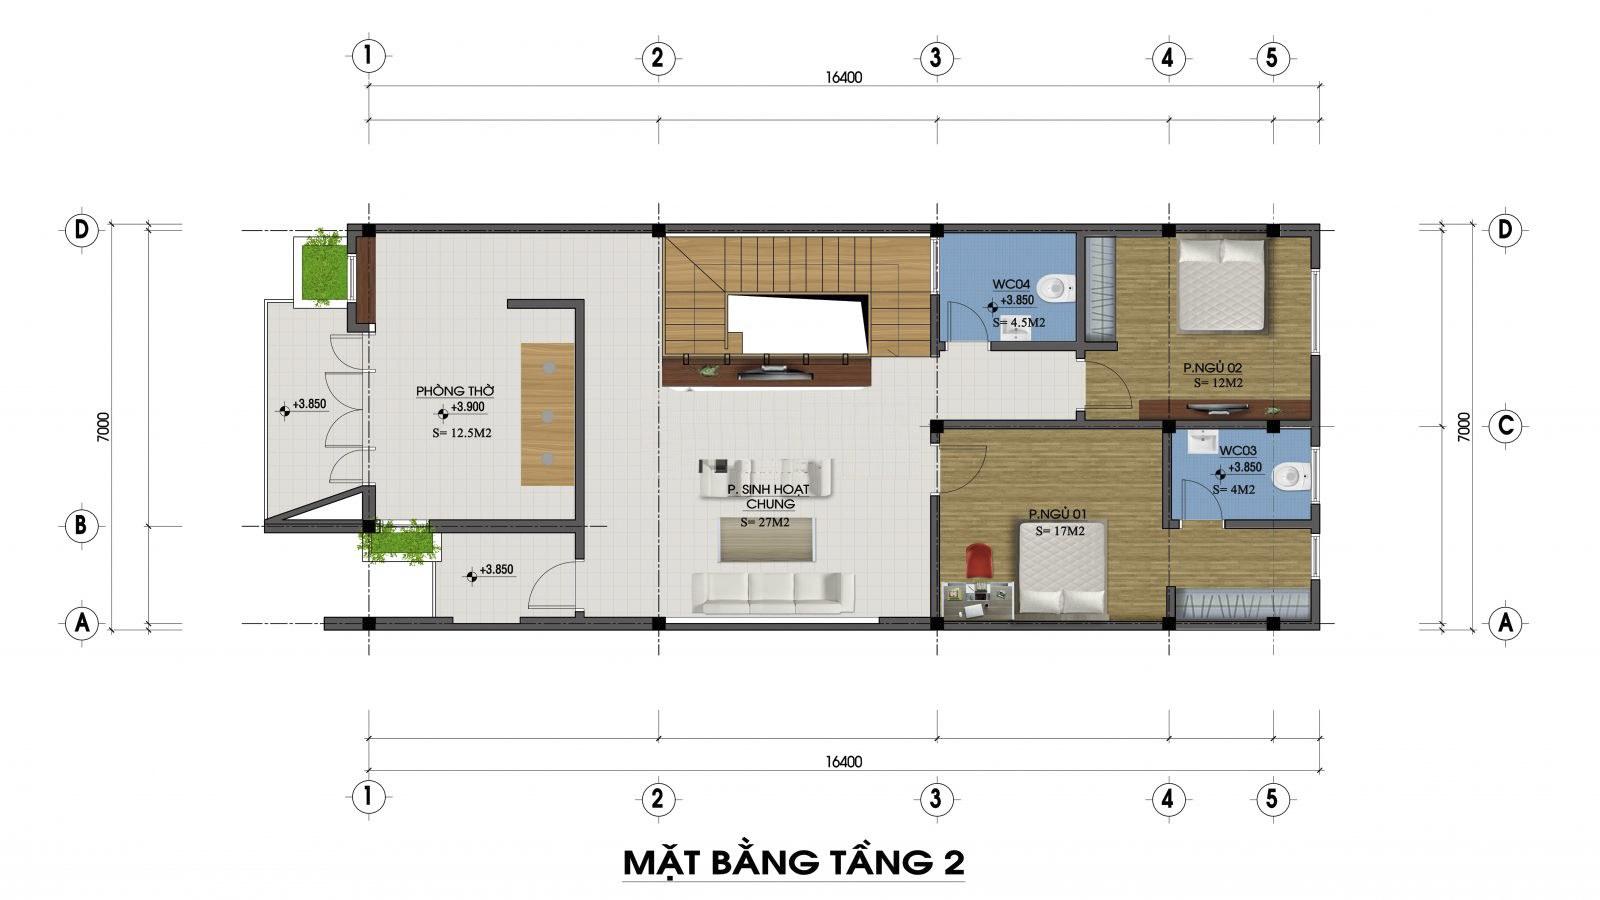 mat-bang-tang-2-ban-ve-thiet-ke-nha-2-tang-hoan-chinh-mat-tien-7m